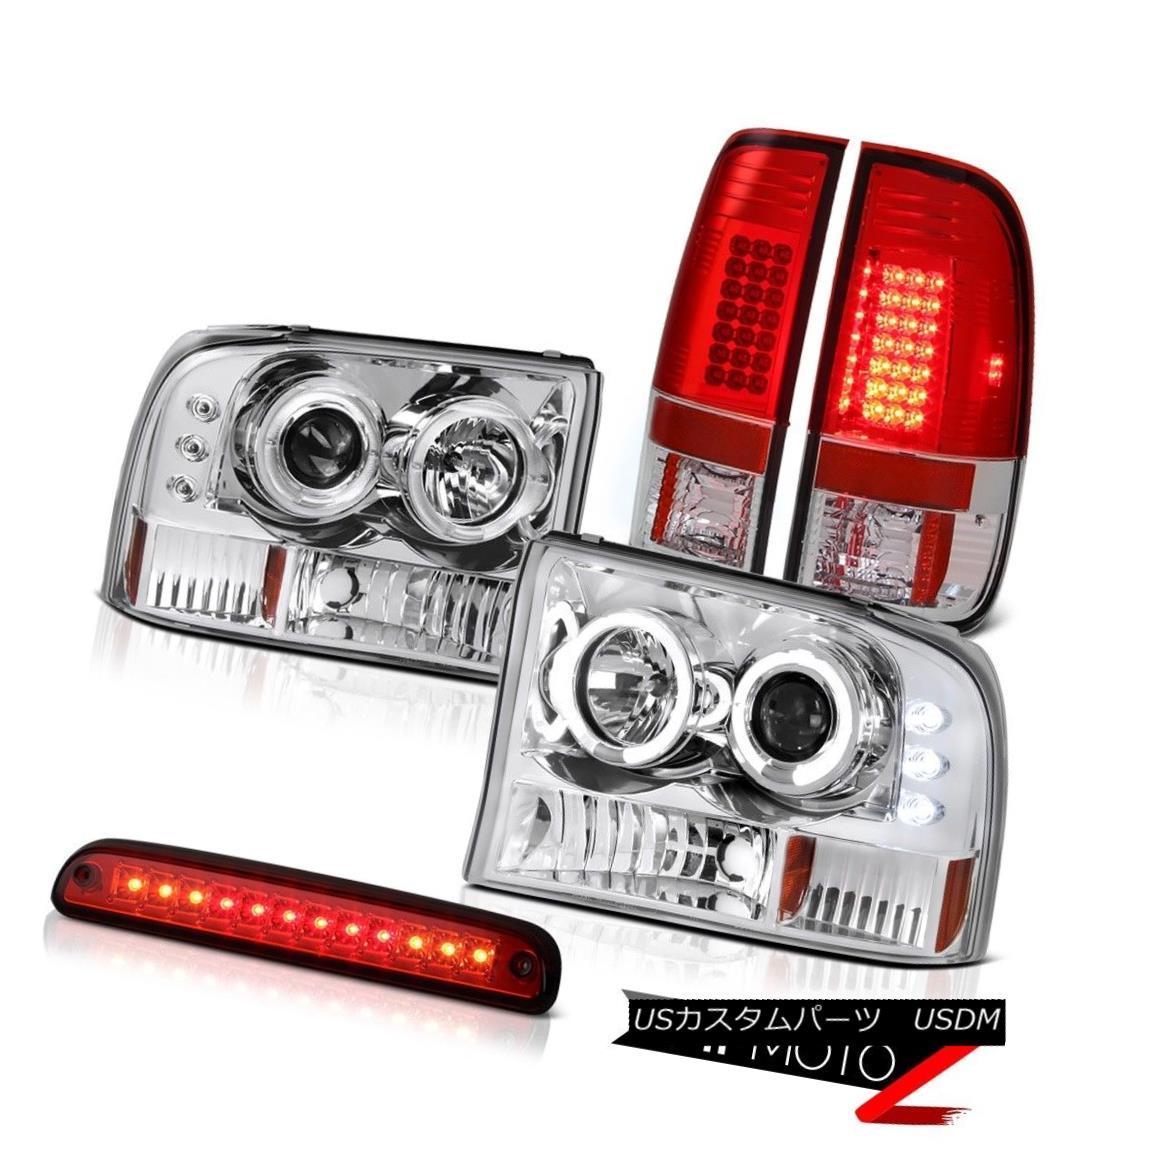 テールライト Halo LED Chrome Headlamps Third Brake Red Tail Light Assembly 99-04 F250 XLT Halo LEDクロームヘッドランプ第3ブレーキ赤テールライトアセンブリ99-04 F250 XLT